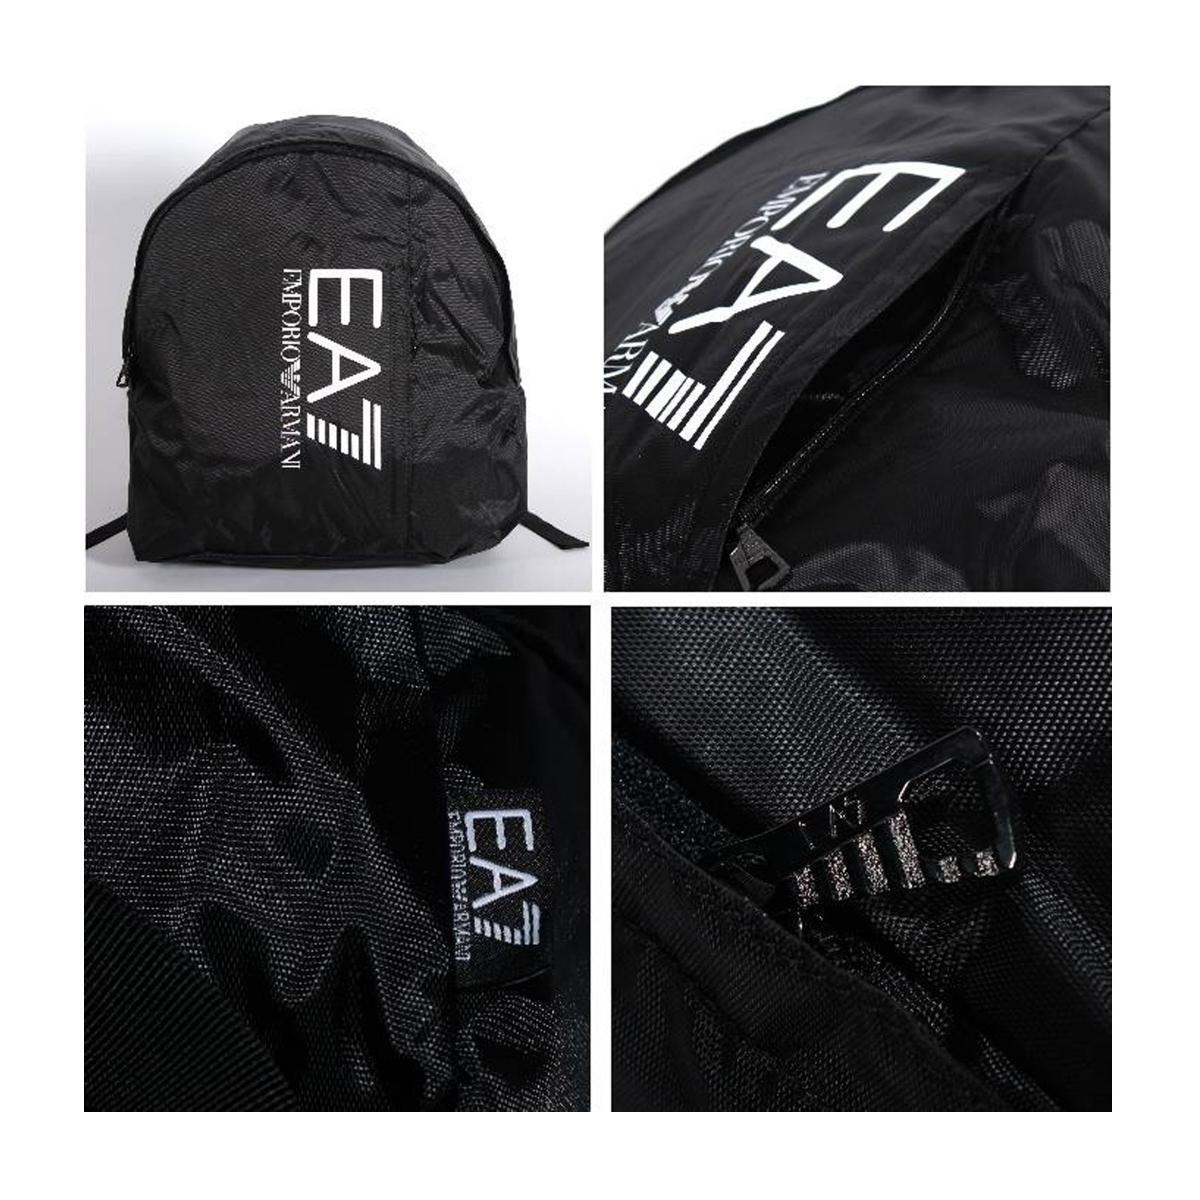 Zaino Emporio Armani EA7 con logo nero unisex rif. 275667 CC733 00020